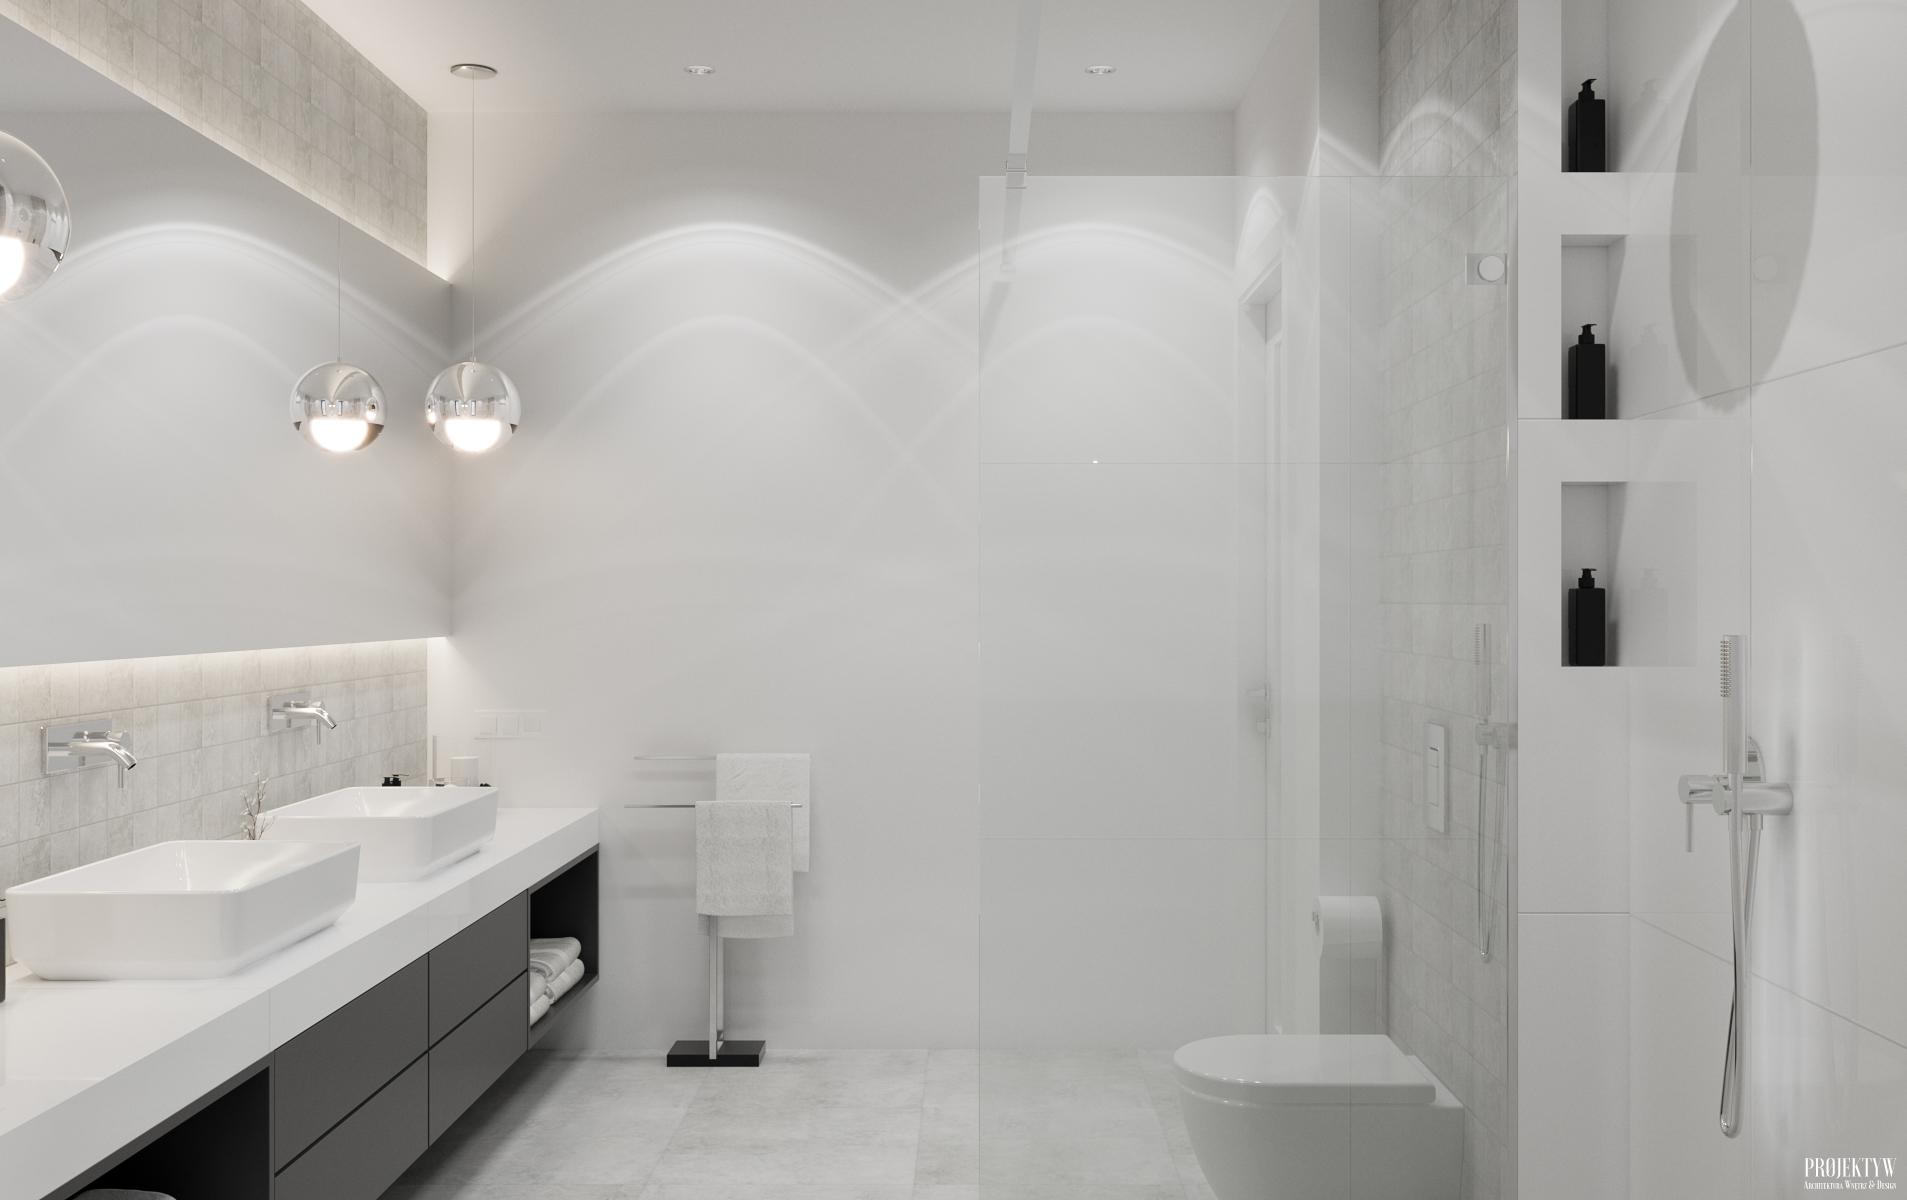 łazienki Wieluń Prøjektyw